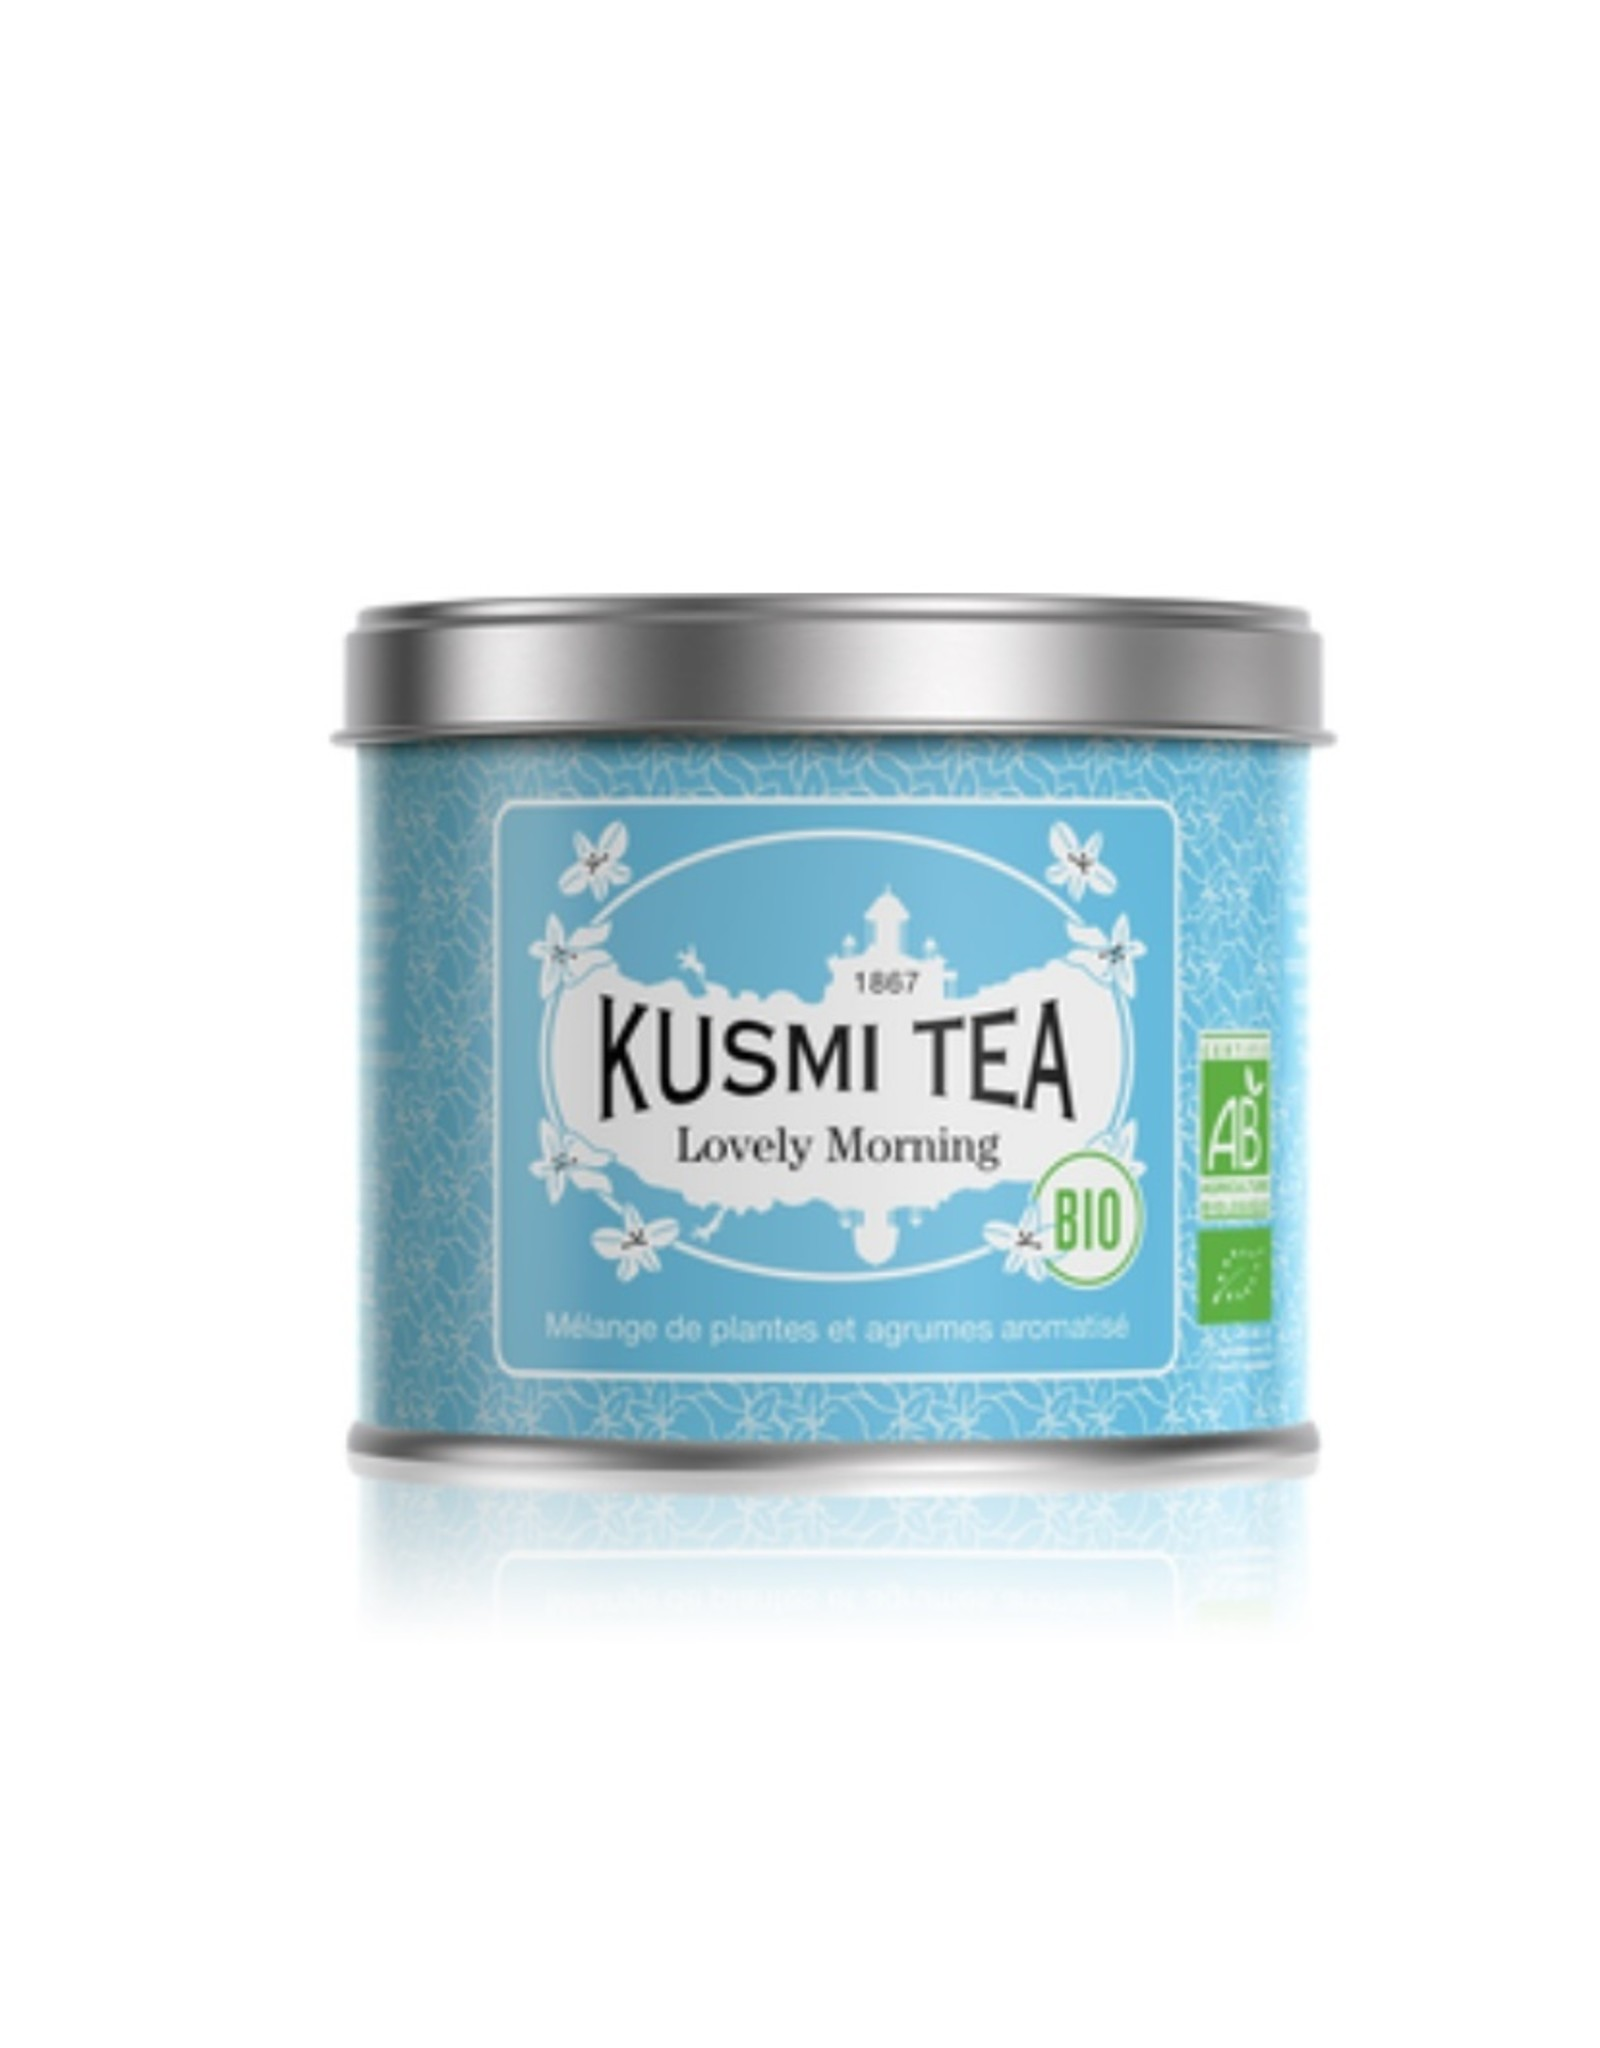 Kusmi Kusmi Tea Lovely Morning, 100g